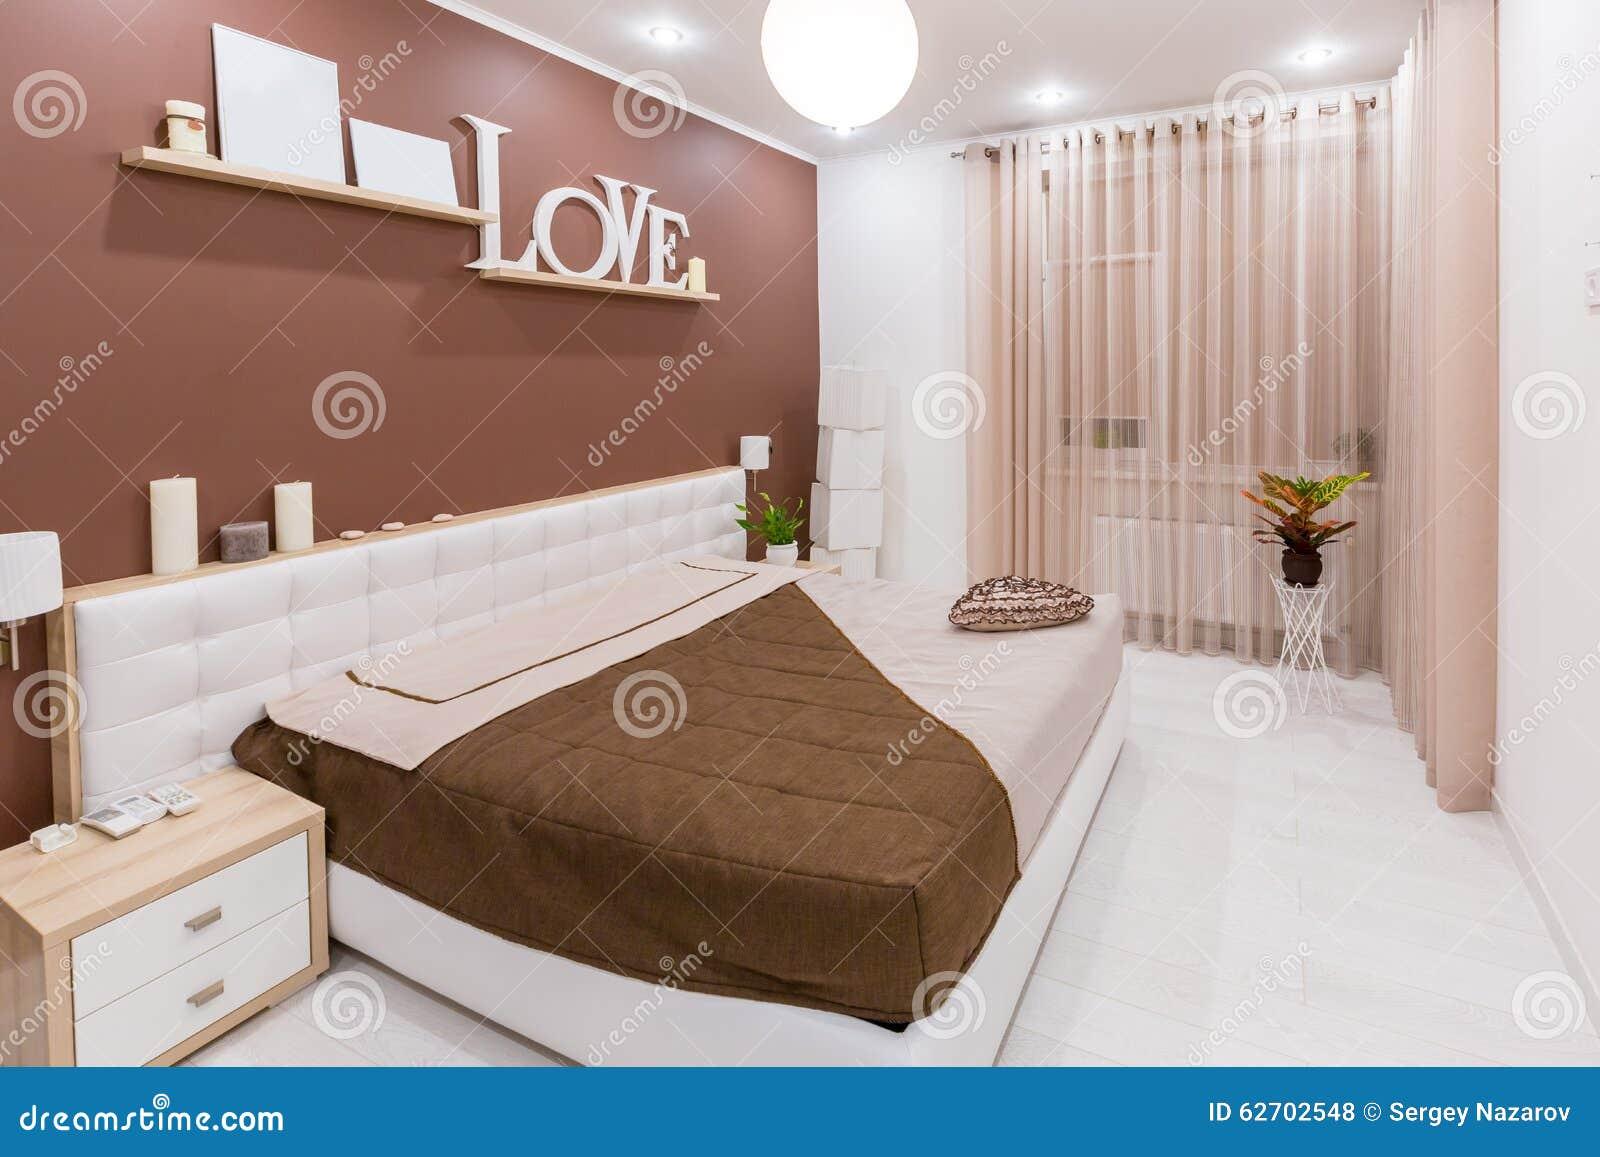 Hervorragend Moderner Minimalismusart Schlafzimmerinnenraum In Den Hellen Warmen Tönen